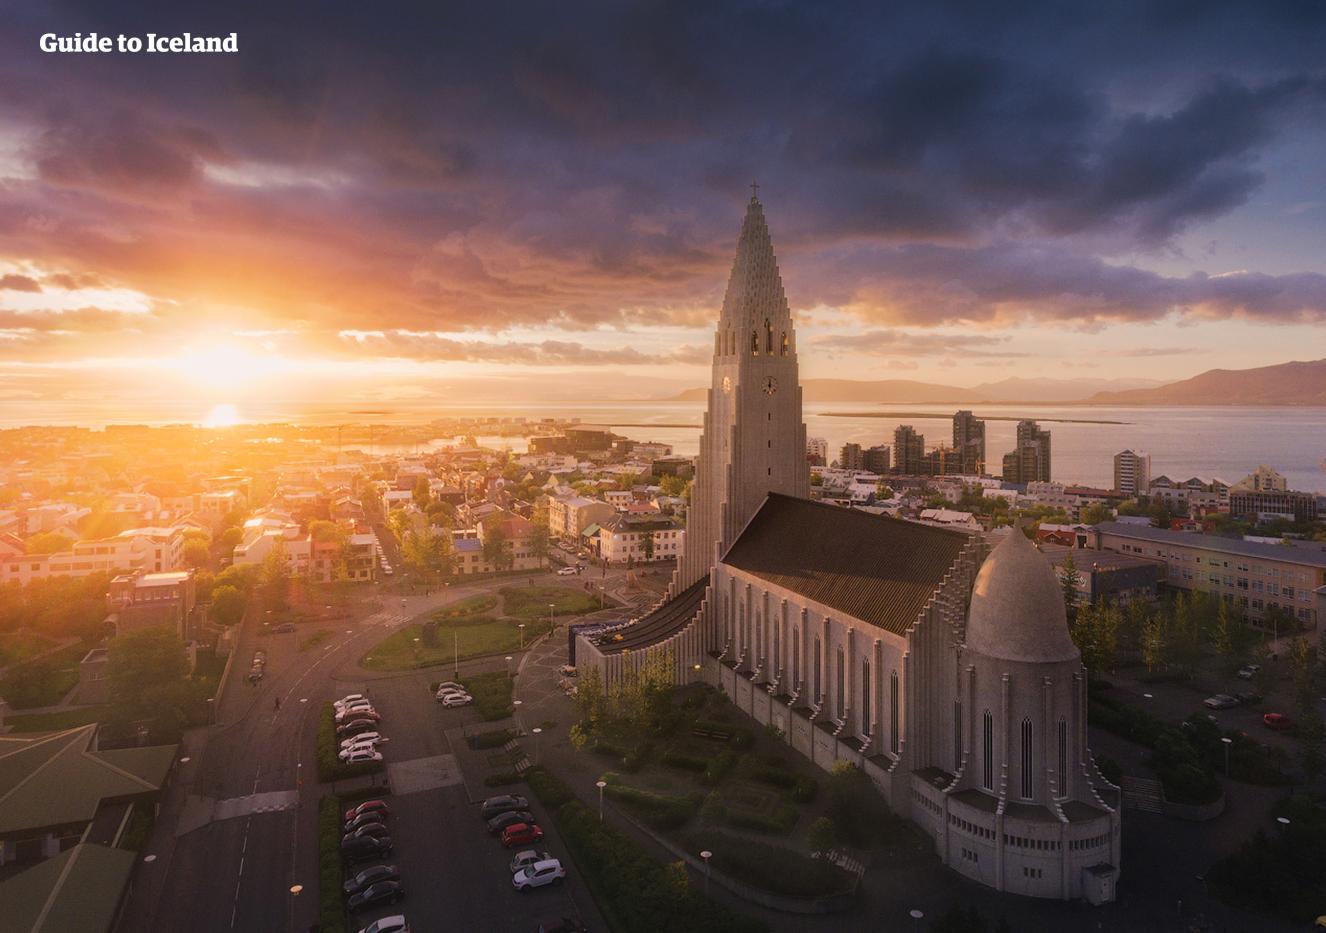 Die Architektur der Hallgrímskirkja ist von den unglaublichen Felsformationen in Island inspiriert.